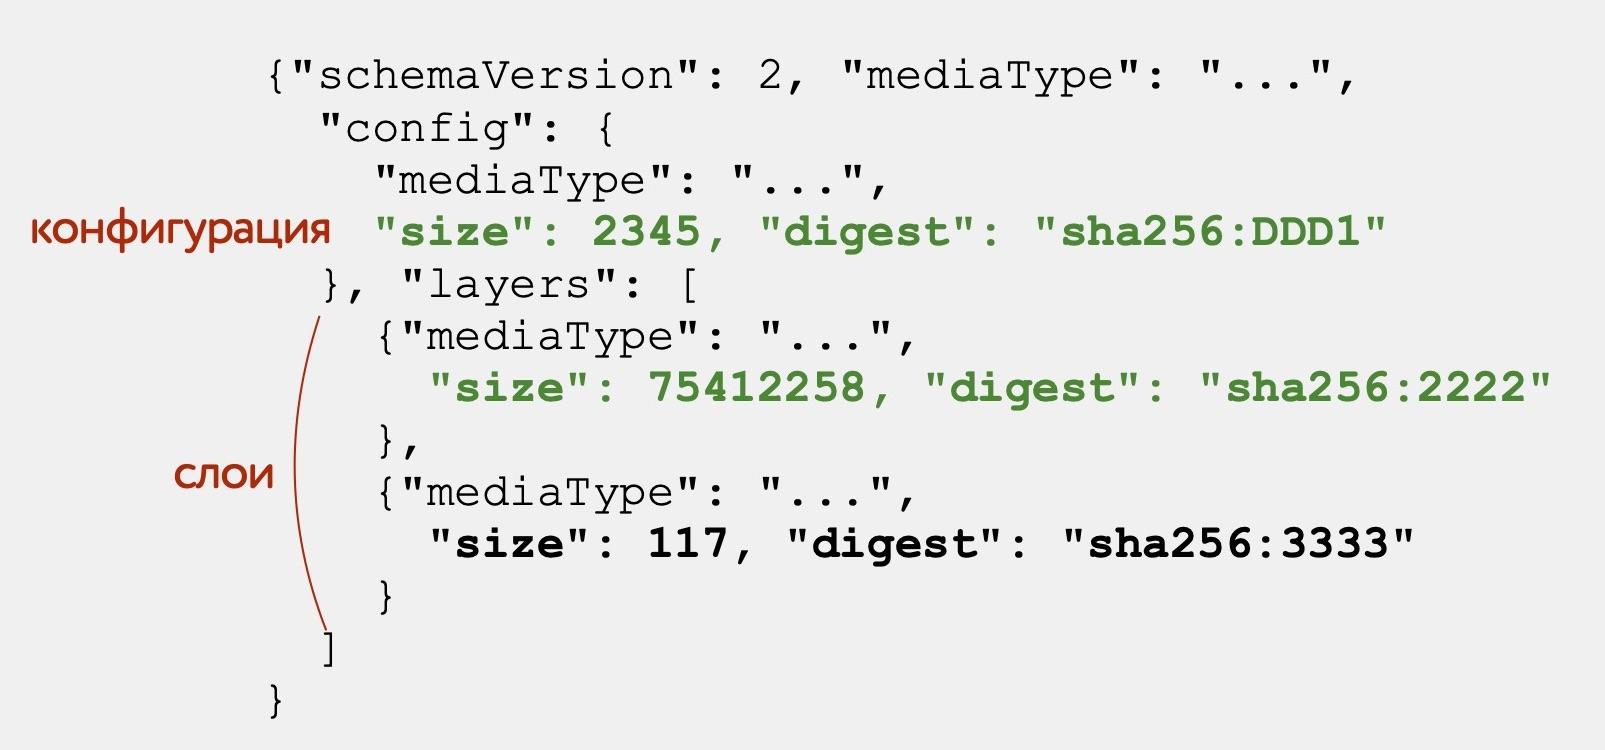 «Восстание машин» часть 1: continuous delivery для базовых Docker образов - 20